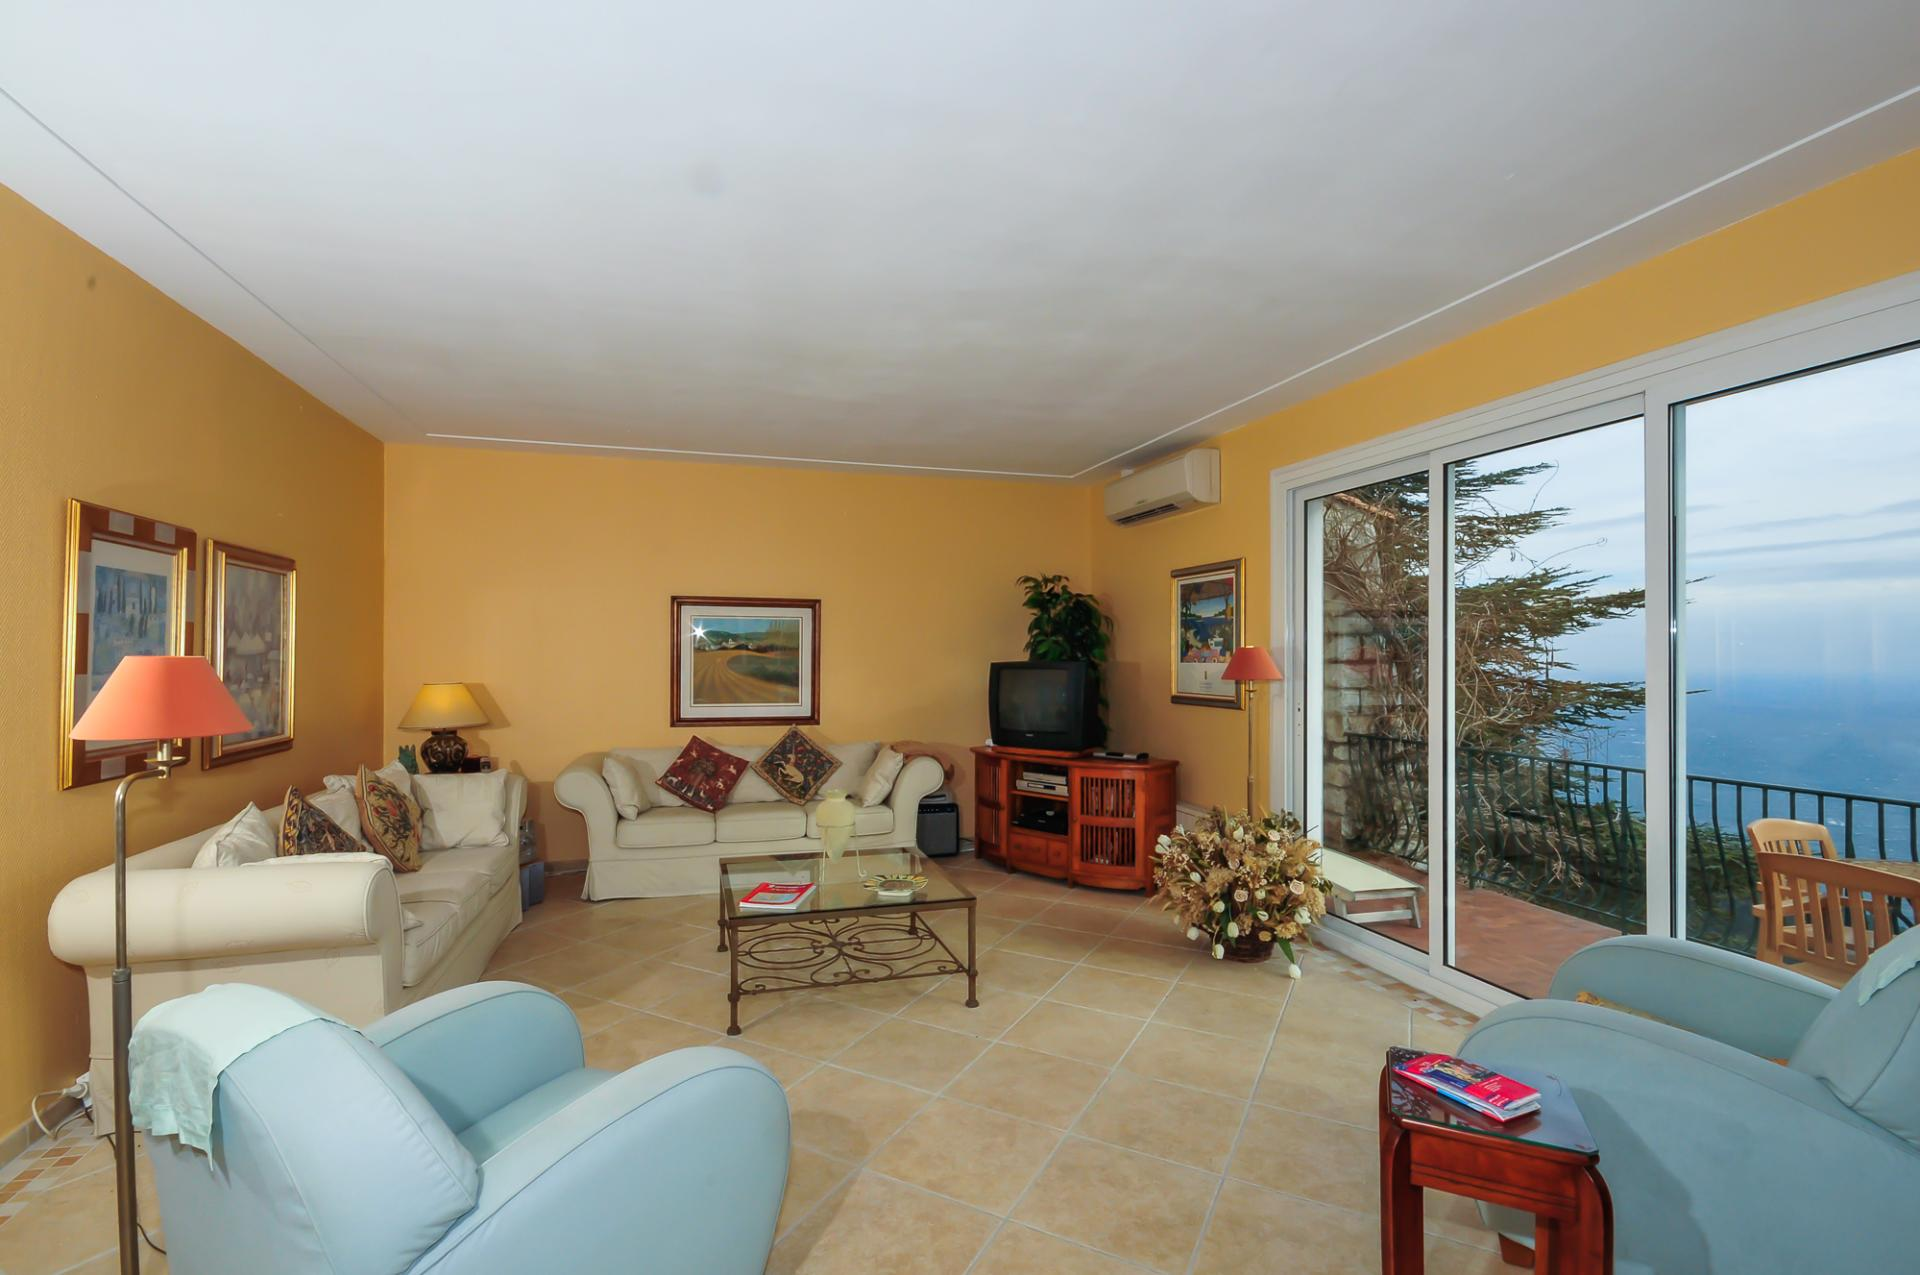 Living Room, L'Oiseau Marin, Eze-sur-mer, Cote d'Azur.